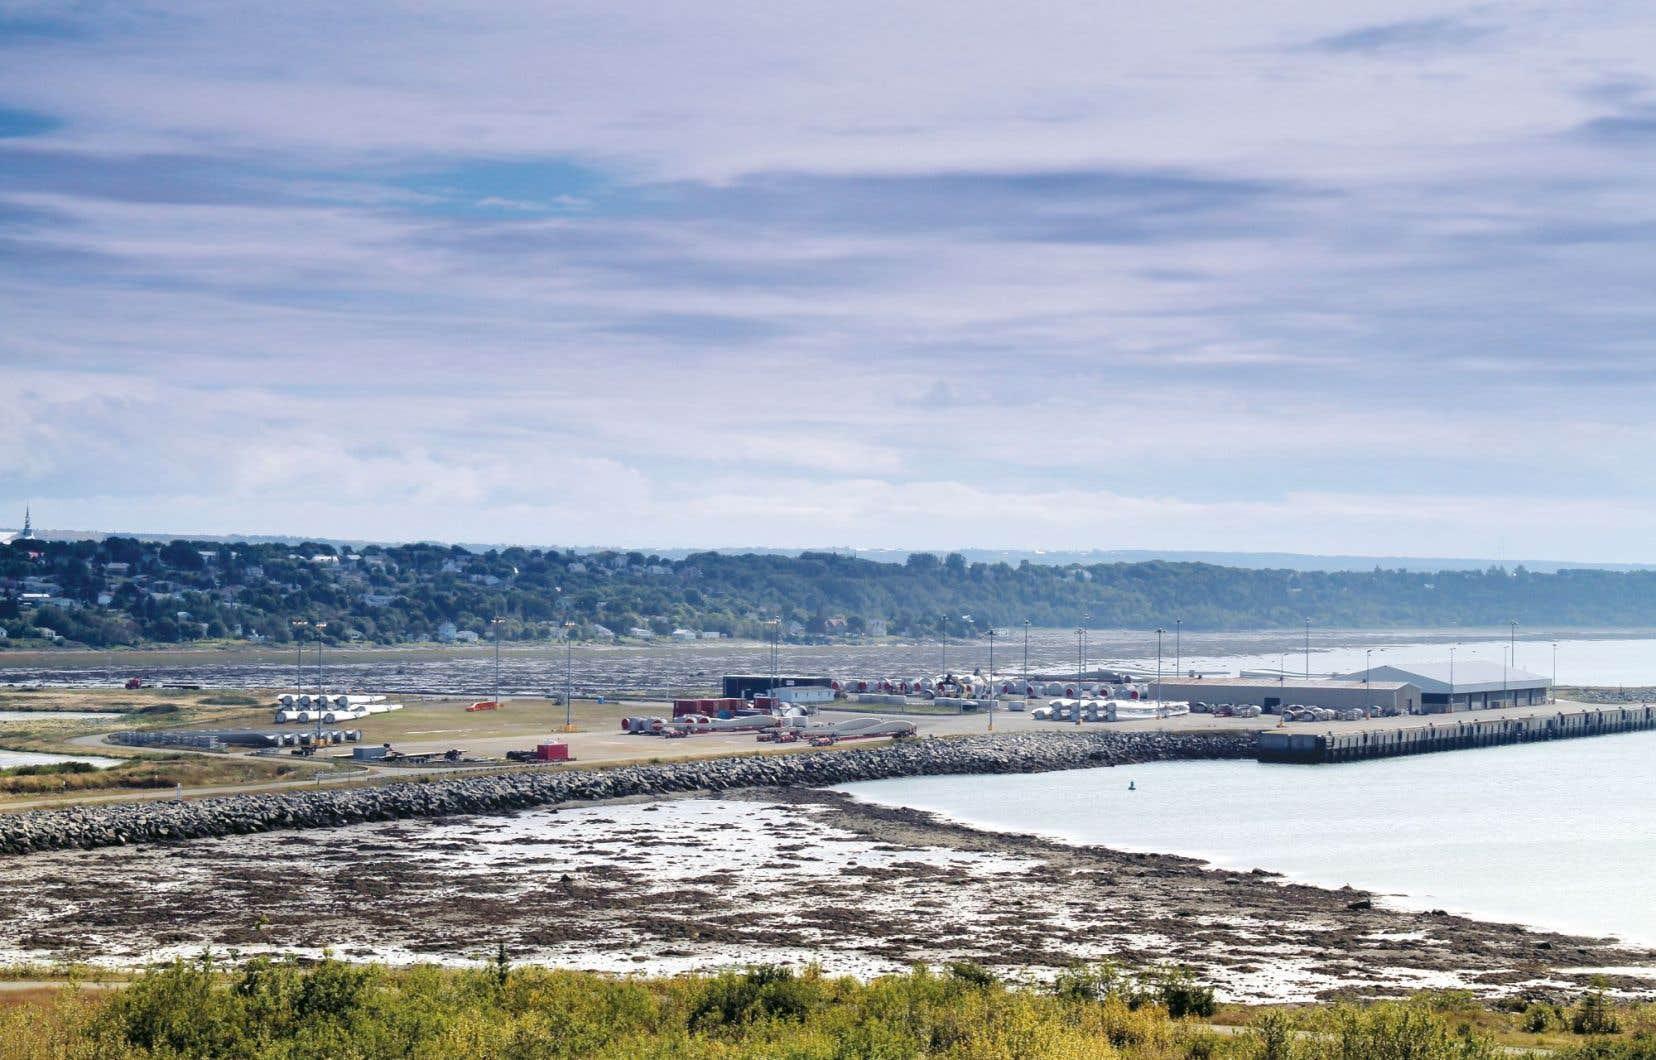 TransCanada, qui souhaite construire un port pétrolier à Cacouna, a été forcée de suspendre temporairement ses travaux parce qu'elle enfreignait les normes de bruit.